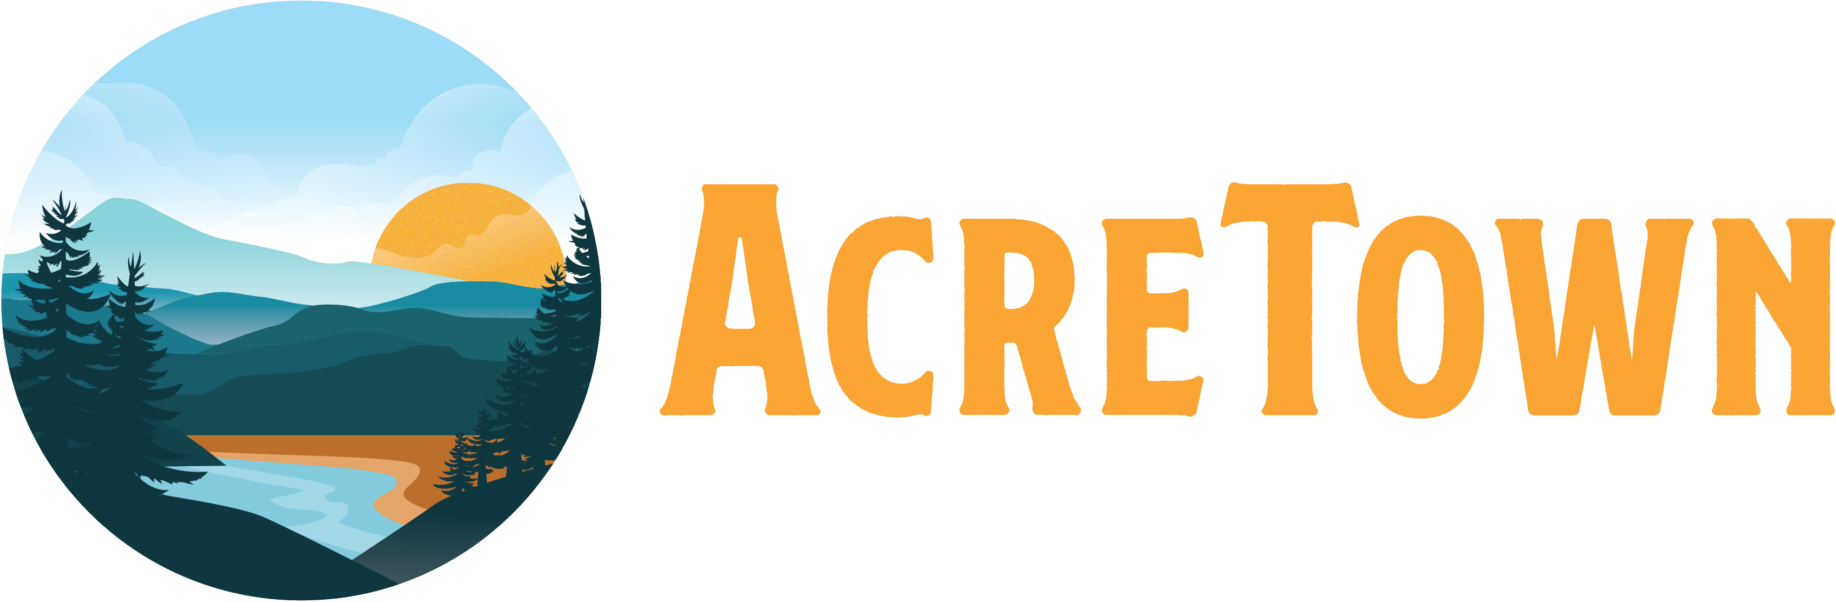 AcreTown.com  logo